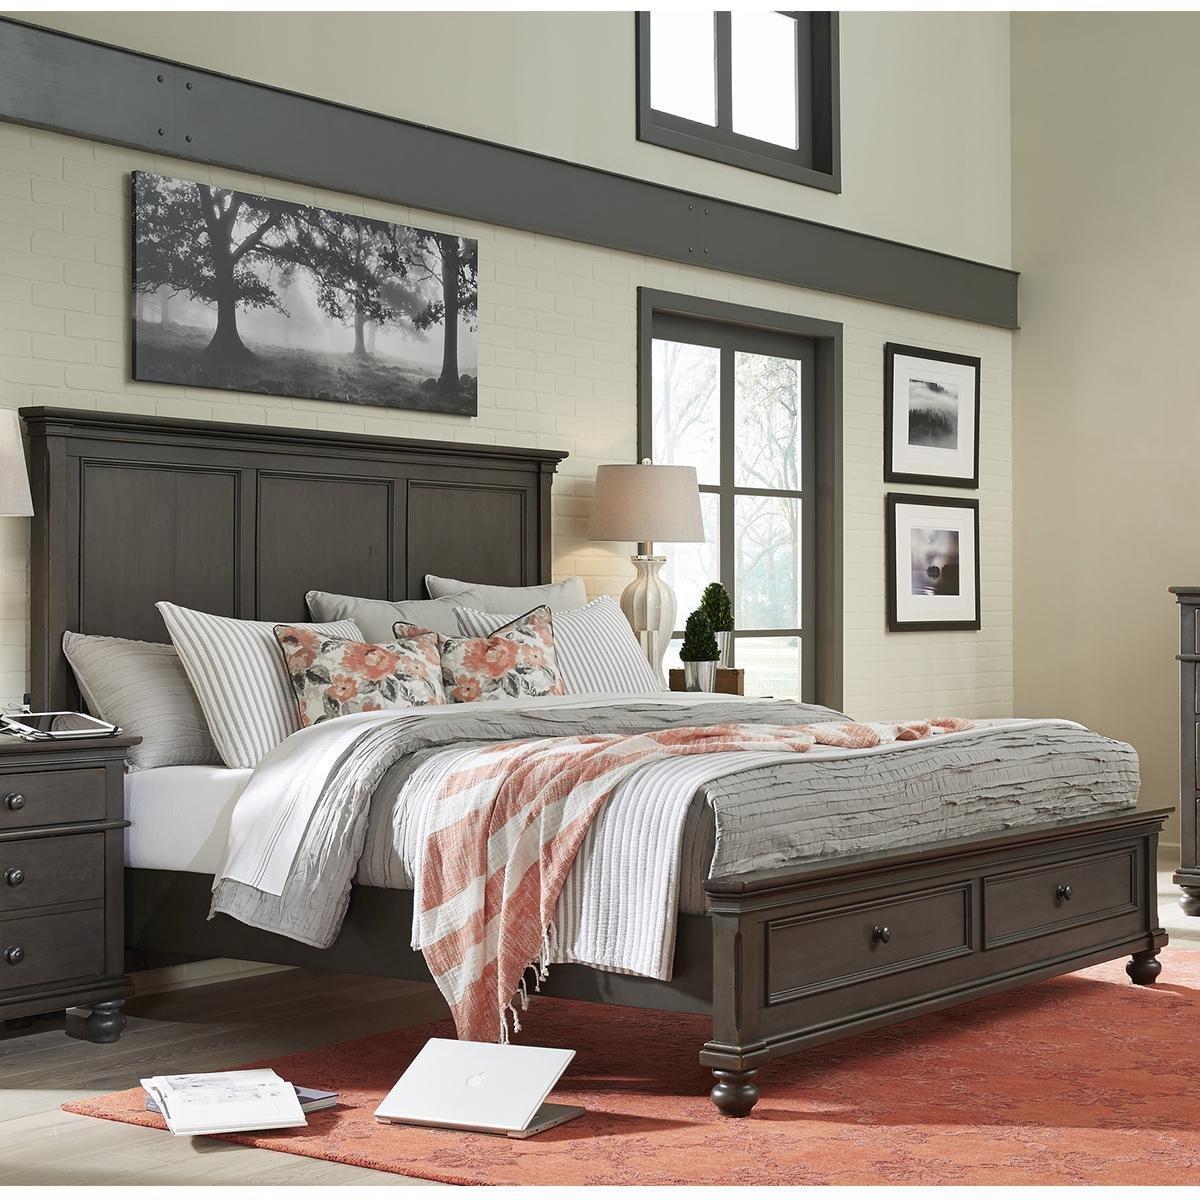 Queen Bedroom Set with Storage Drawers Fresh Riva Ridge Oxford 4 Piece Queen Bedroom Set In Peppercorn